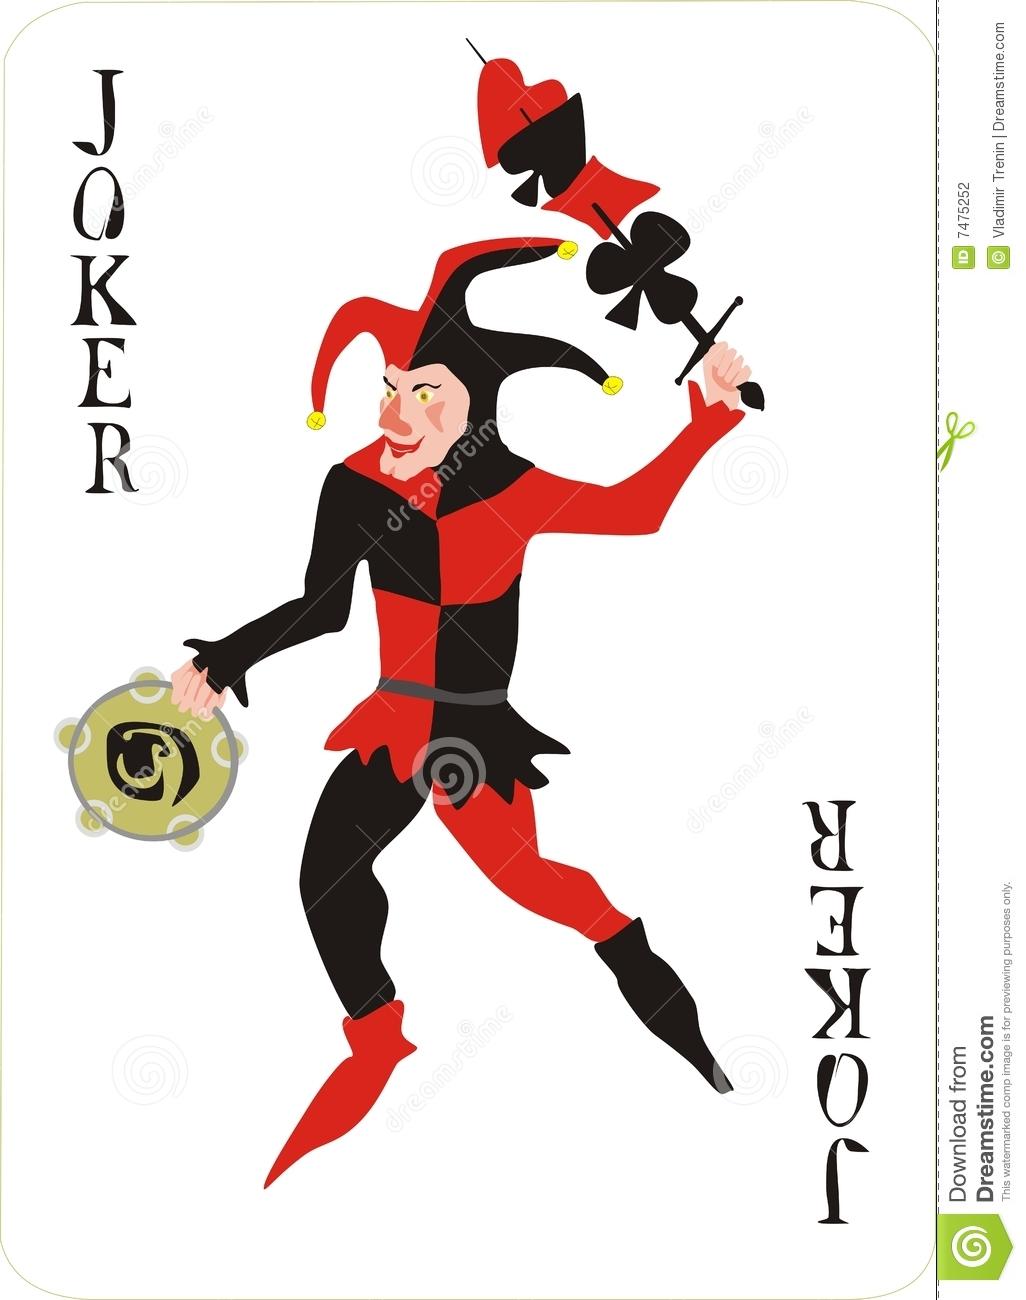 Joker clipart old cartoon Card card Clipart playing Joker